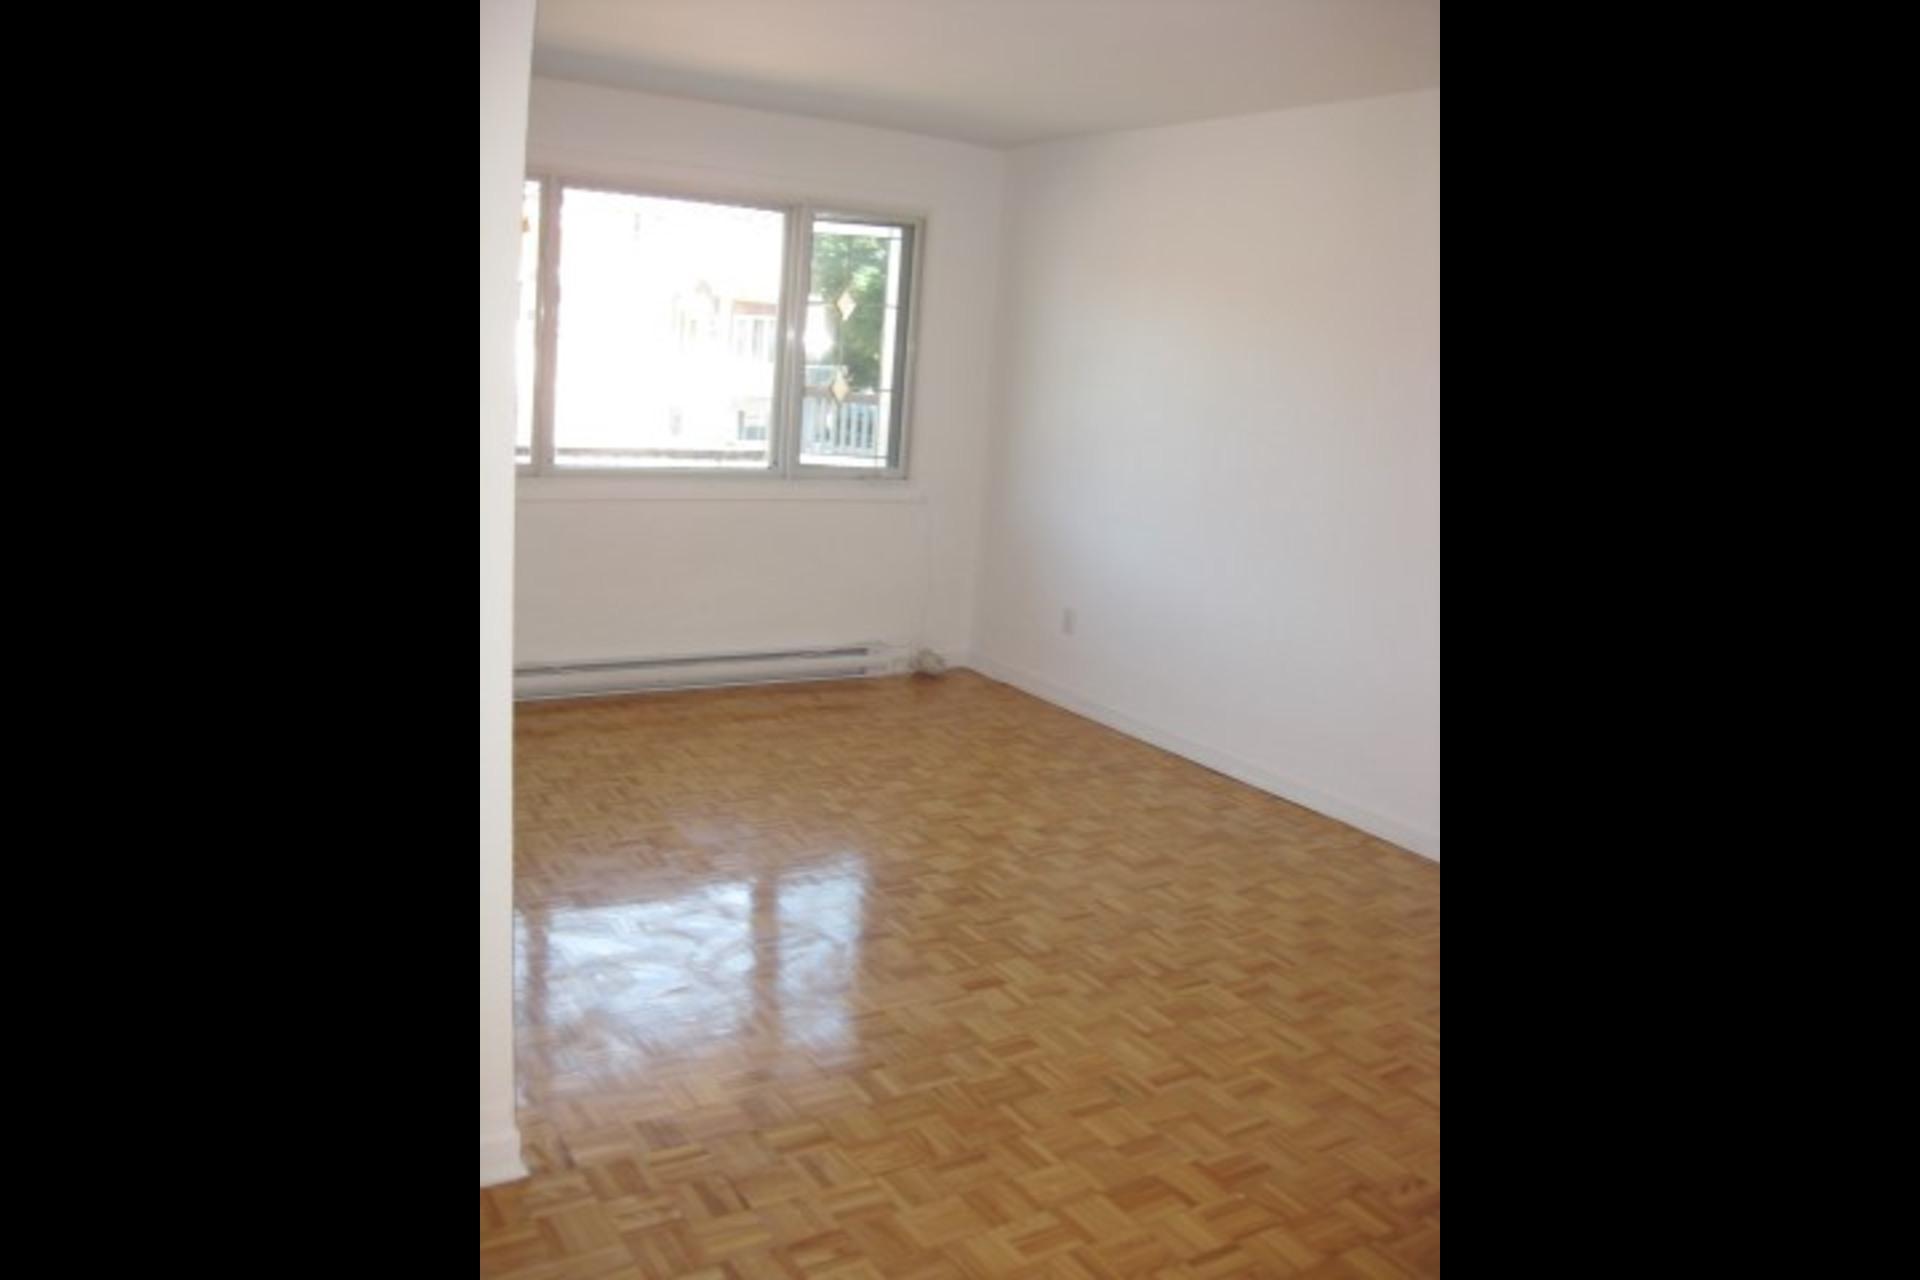 image 3 - Appartement À louer Montréal Saint-Leonard - 4 pièces